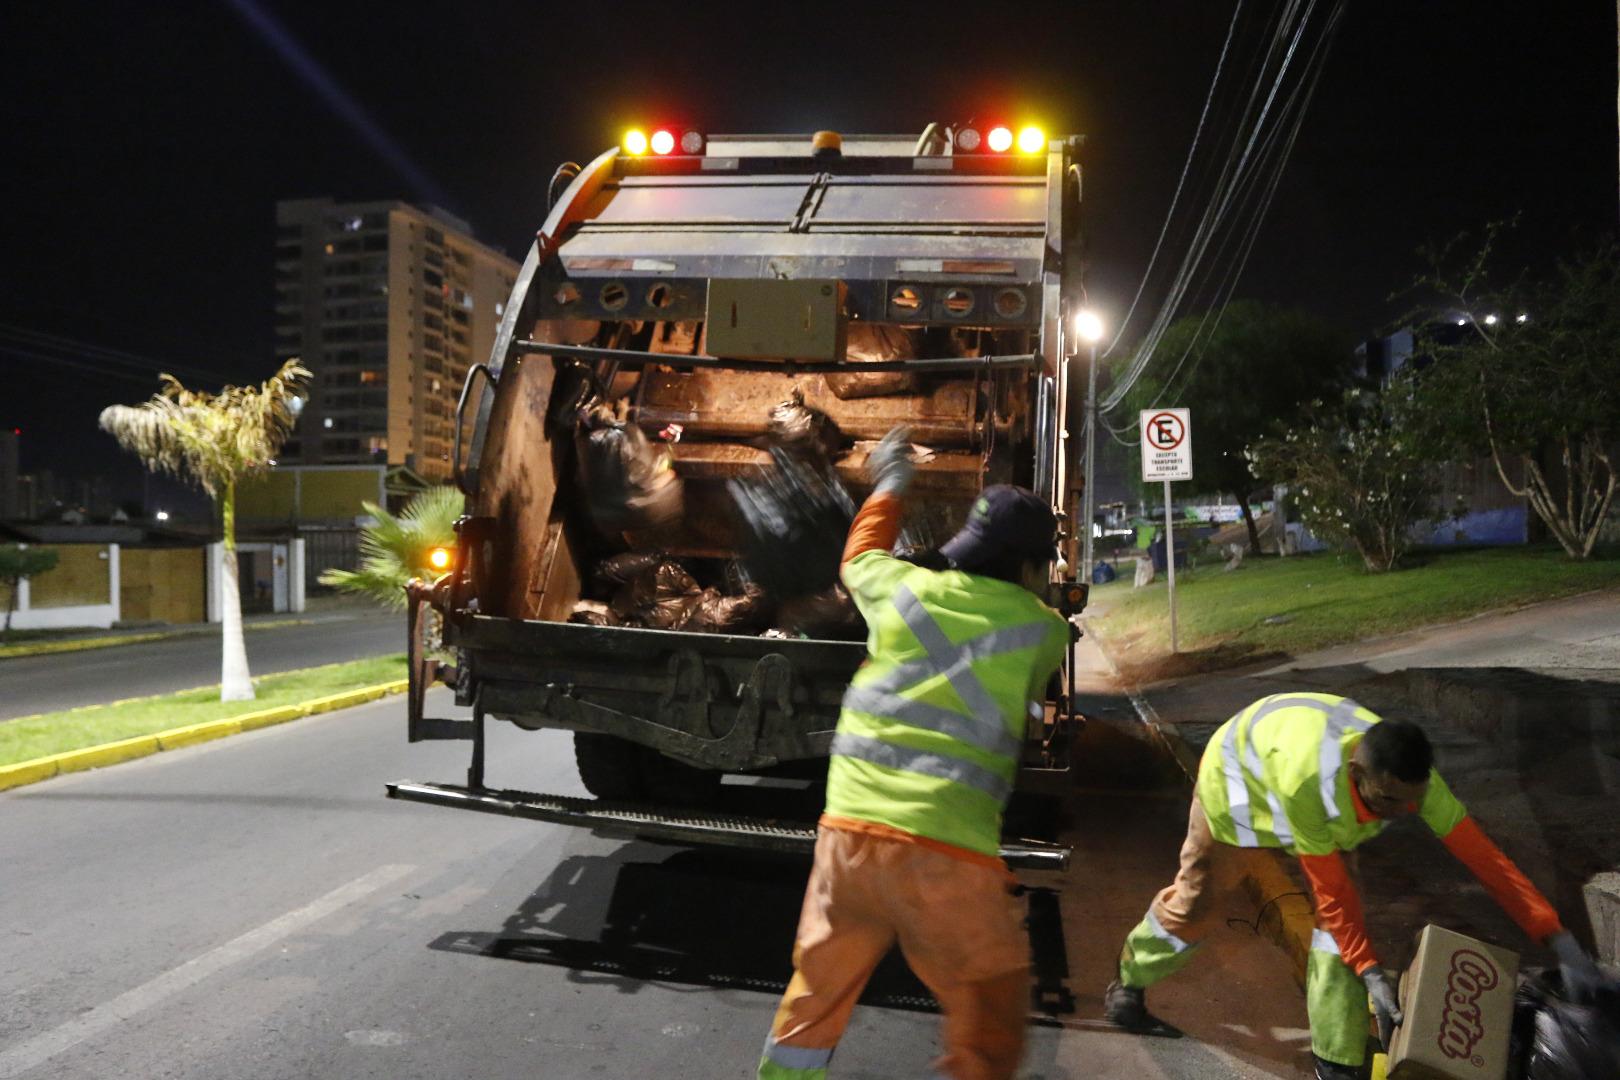 ¡¡Atención Iquique!!: Este 31 de diciembre no habrá servicio de extracción de basura domiciliaria